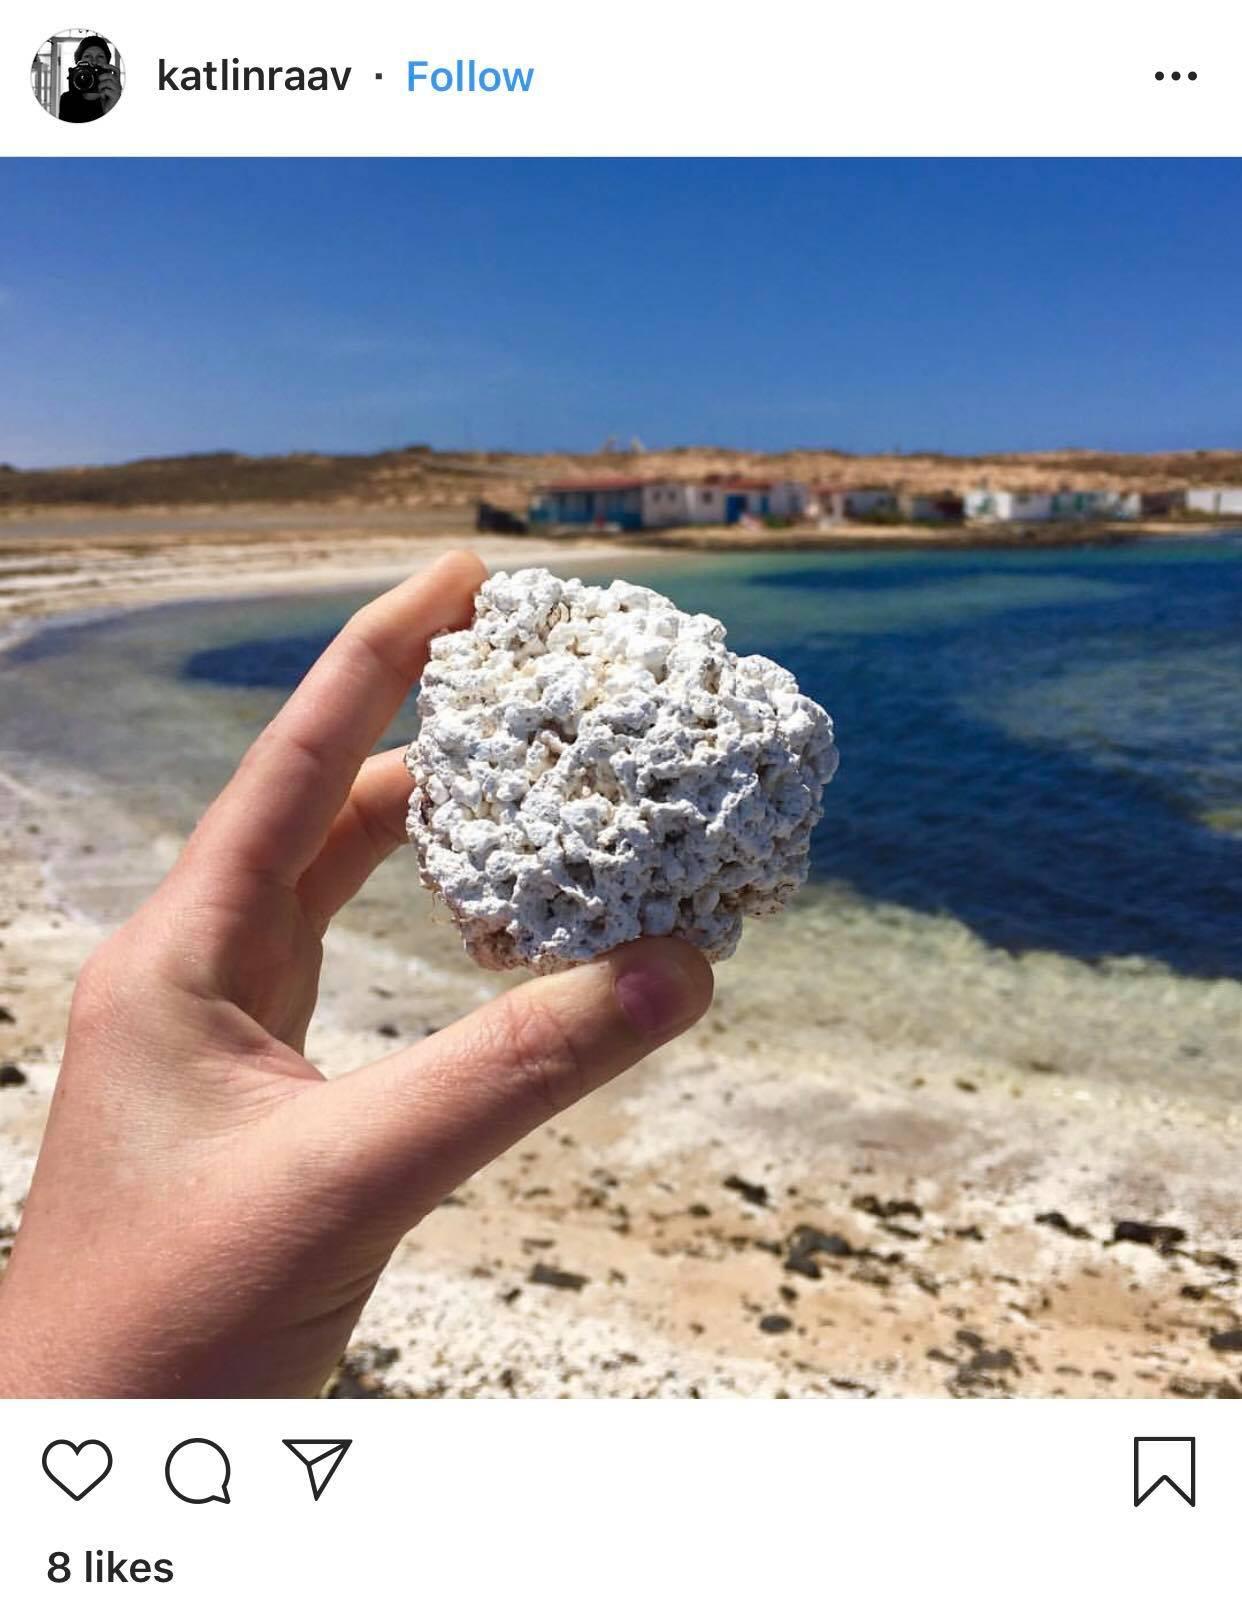 Bãi biển bỏng ngô nổi tiếng tại Tây Ban Nha: Trông hấp dẫn thế thôi chứ cắn vào là gãy răng ngay! - Ảnh 2.